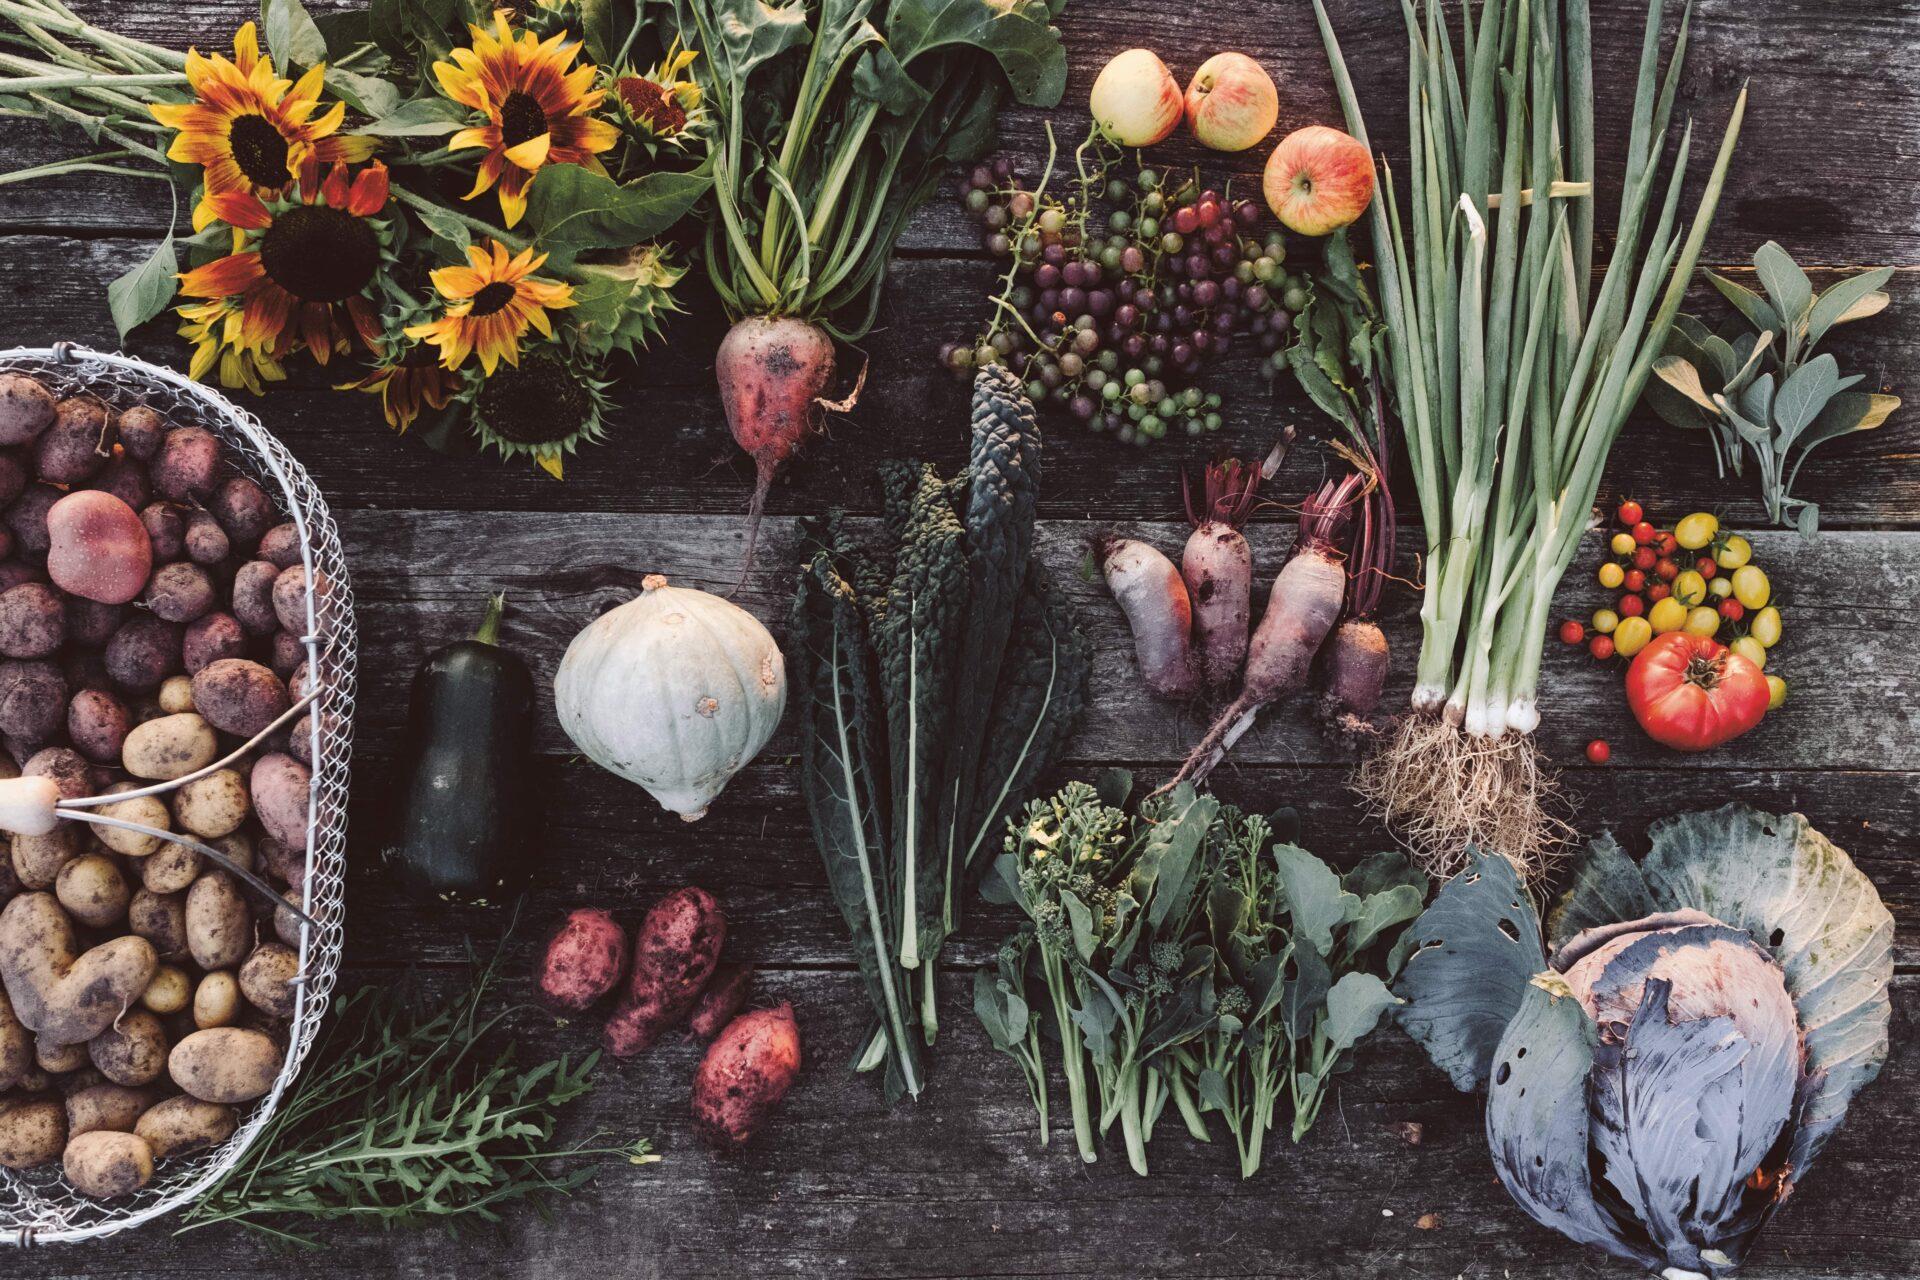 Gemüse auf dem Acker. Erde, Salz und Glut